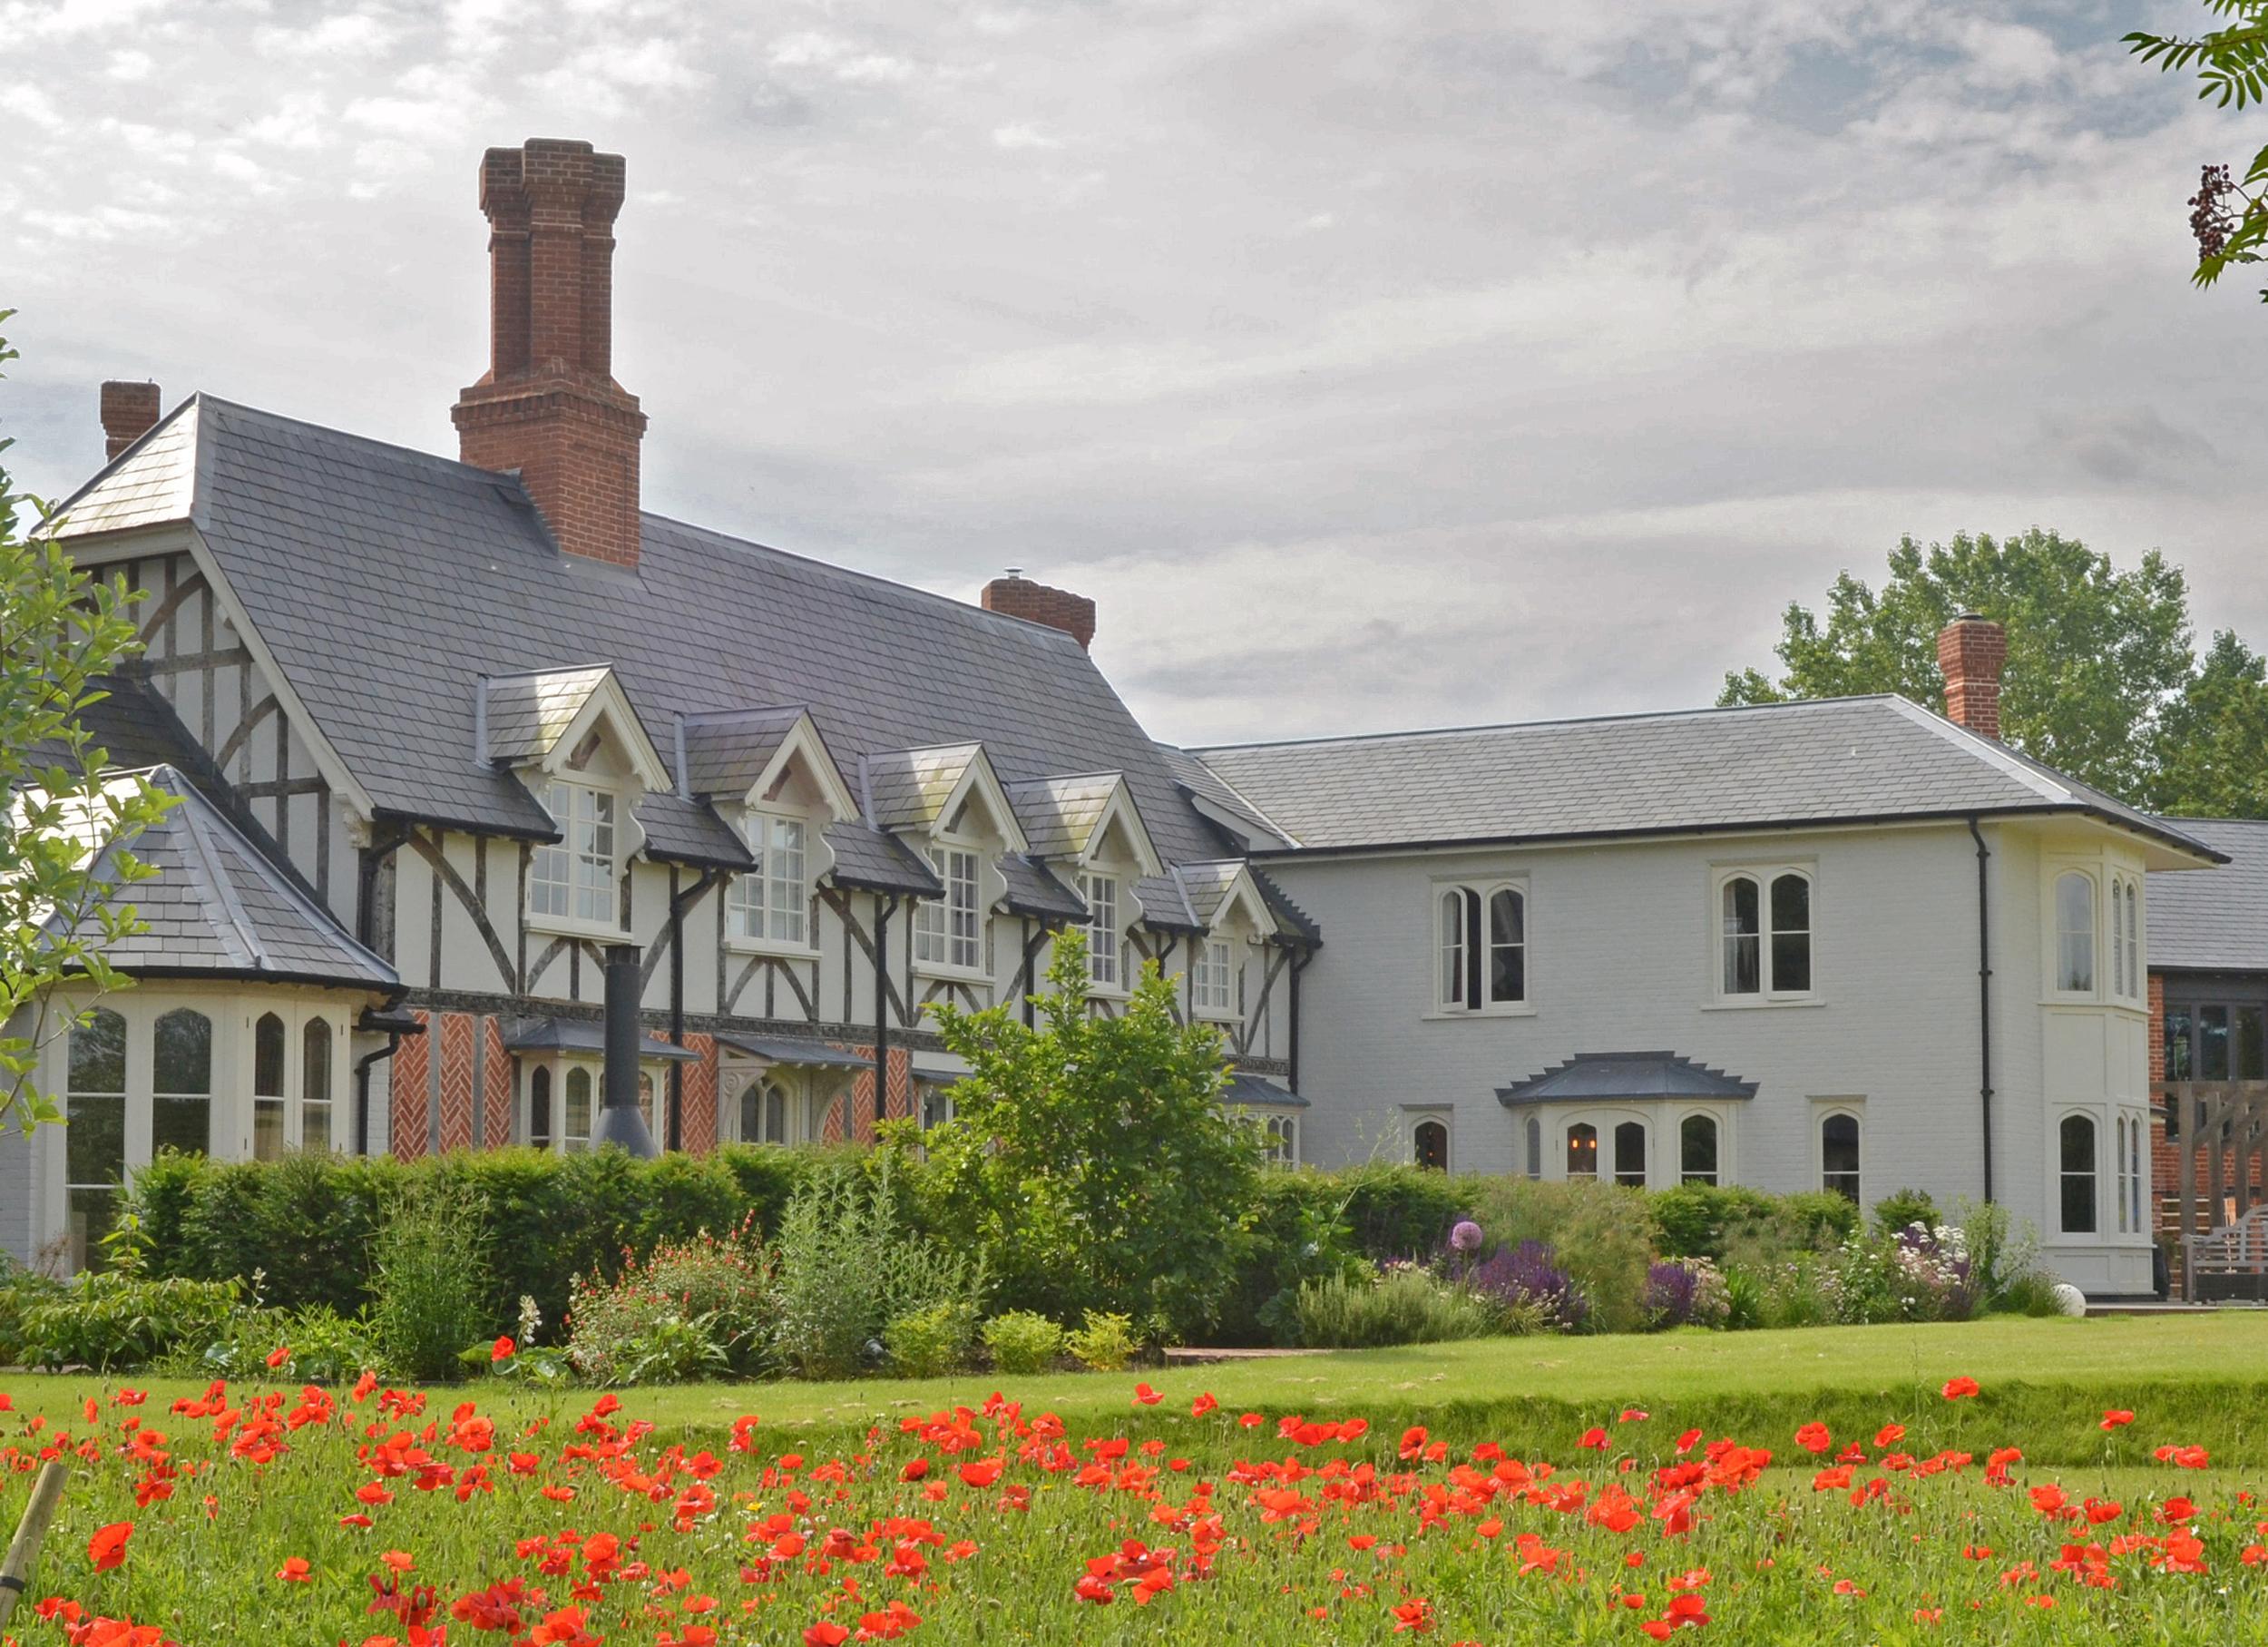 Yew Tree Farmhouse  Private Dwelling, Hasketon